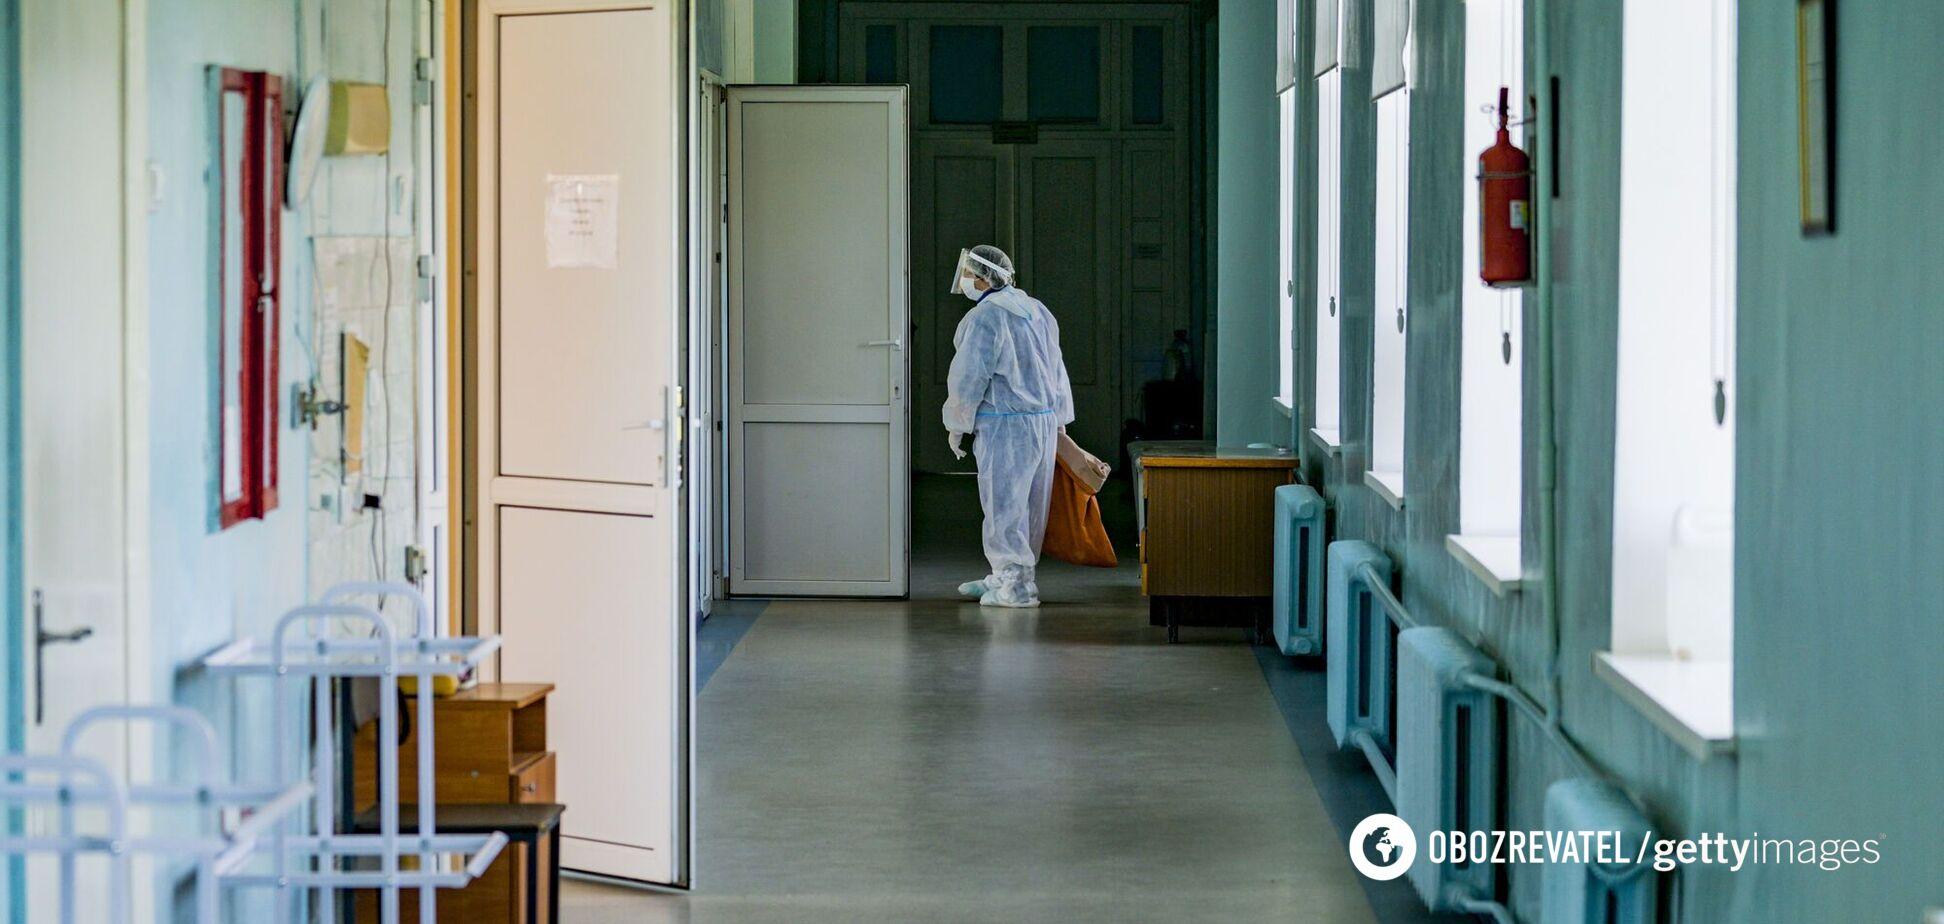 Україна опинилася на другому місці за кількістю смертей від COVID-19 за добу в Європі